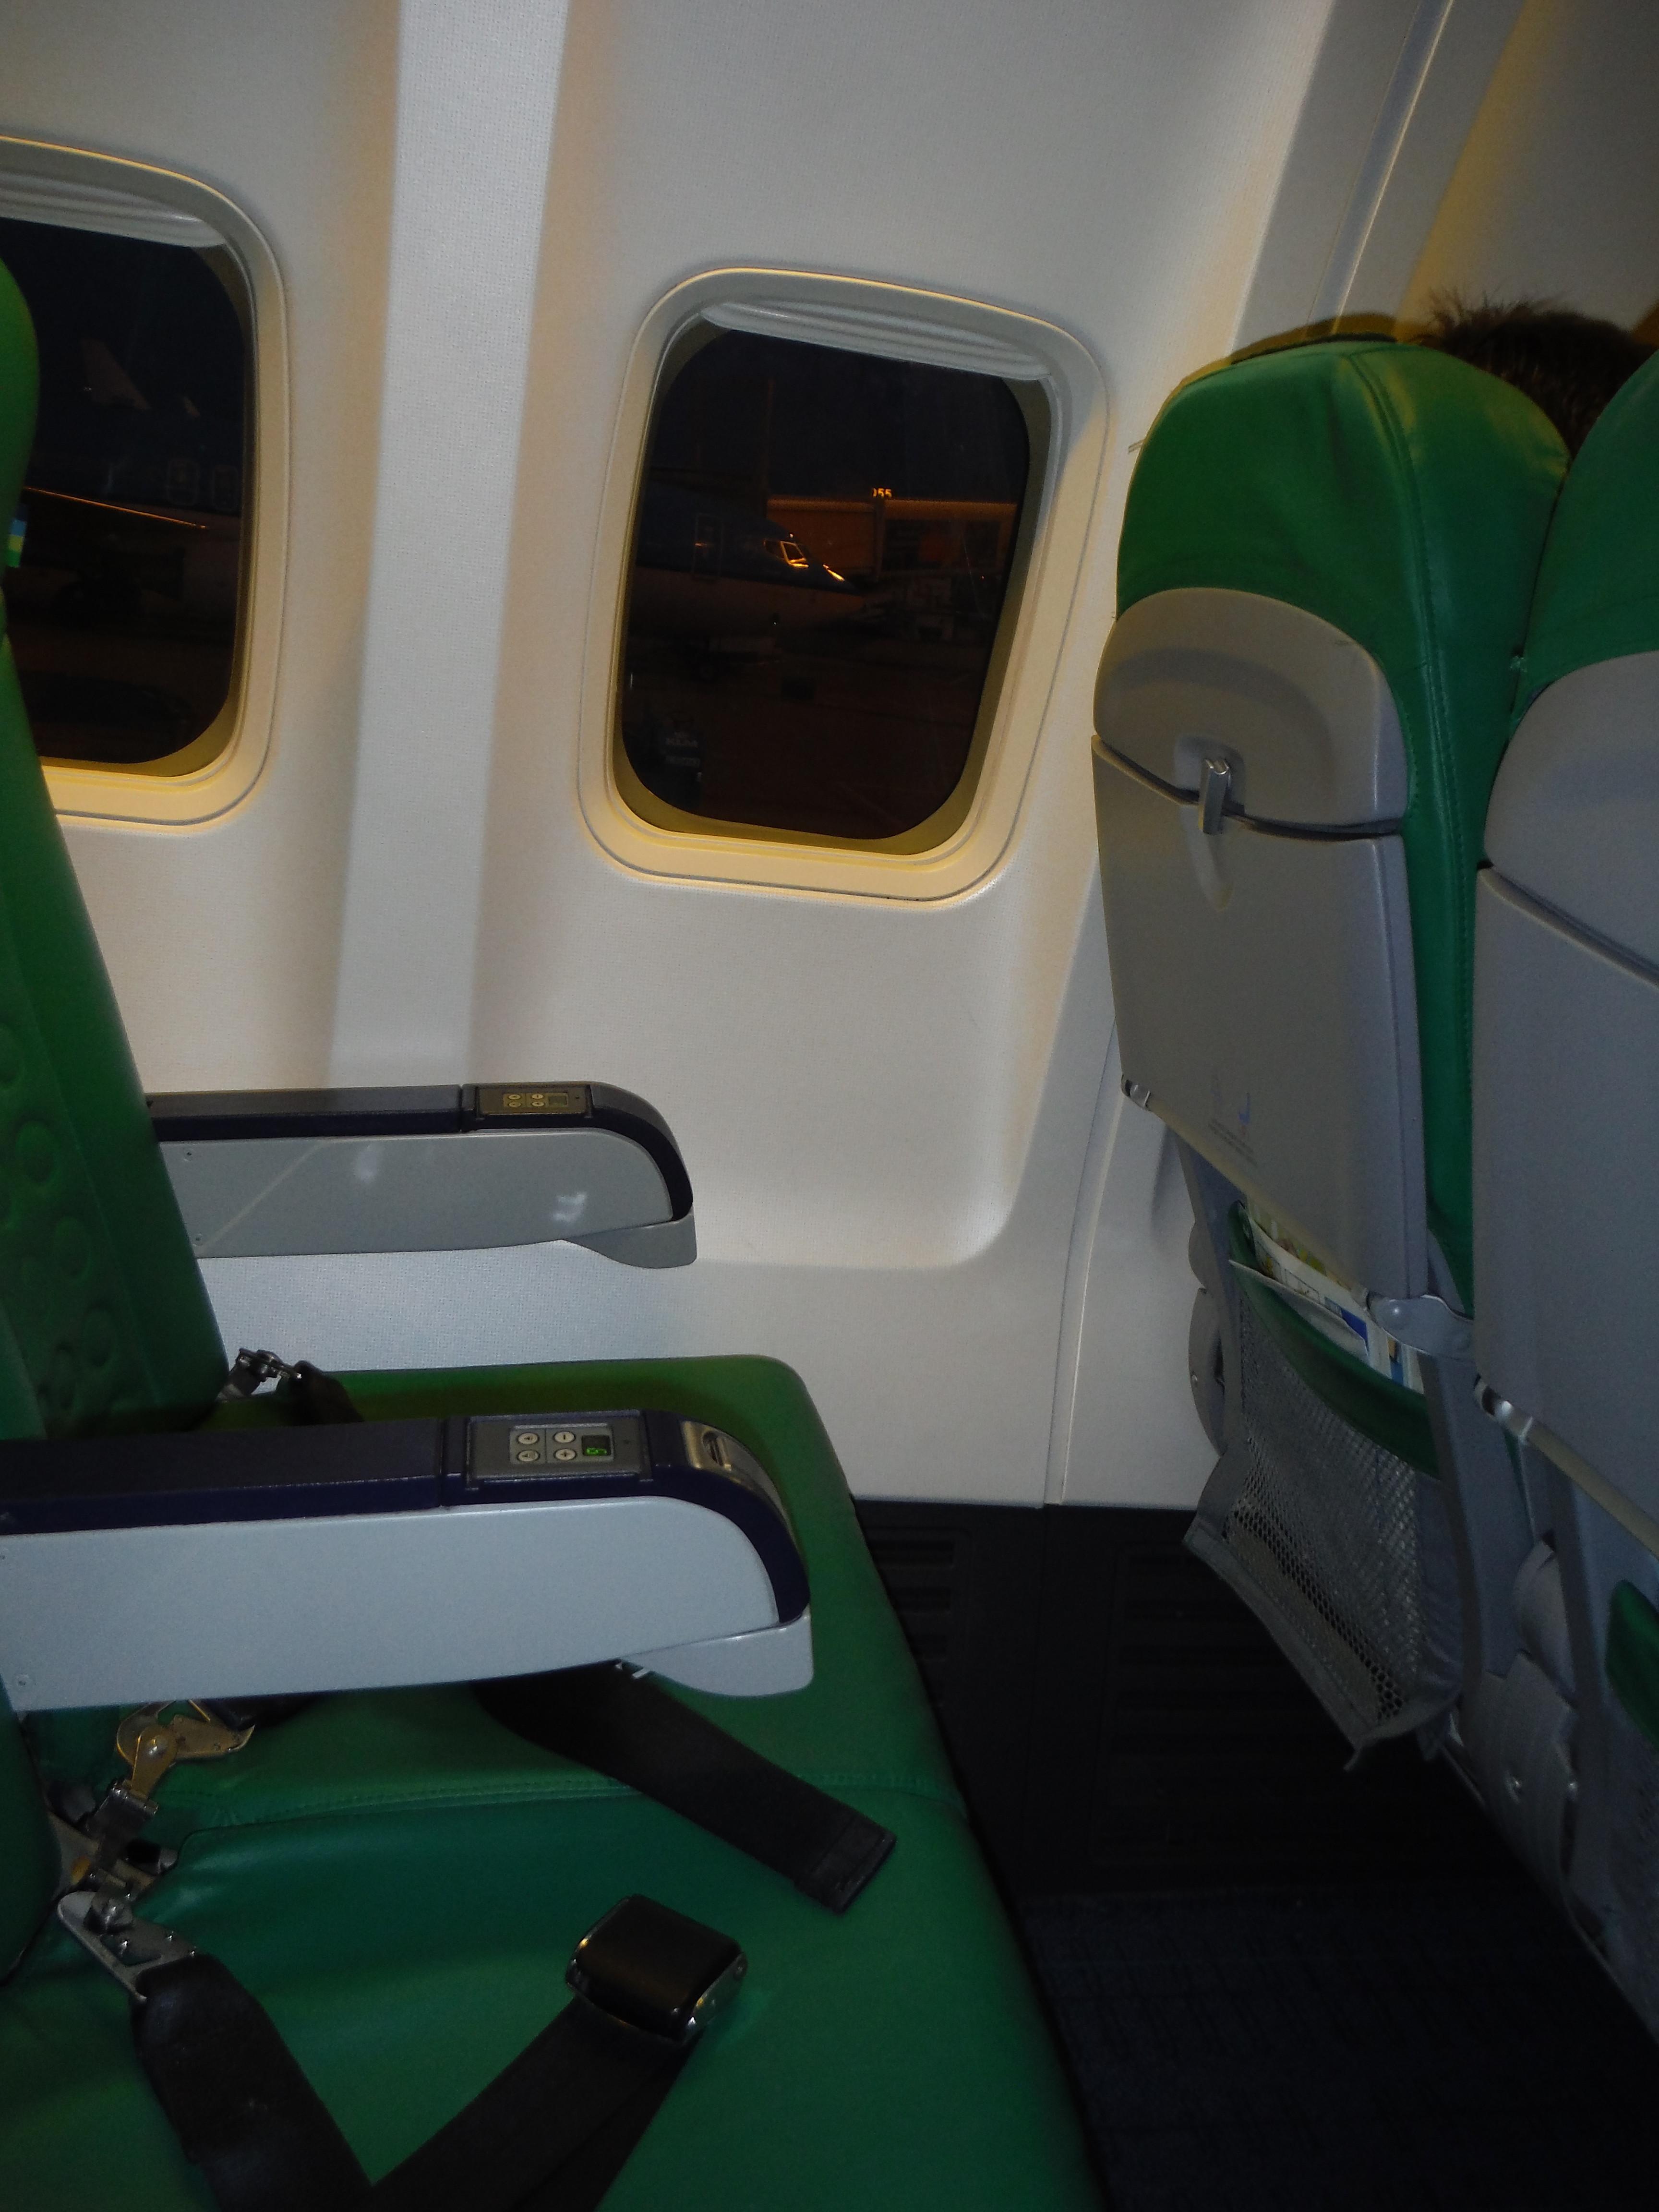 Transavia row of seats